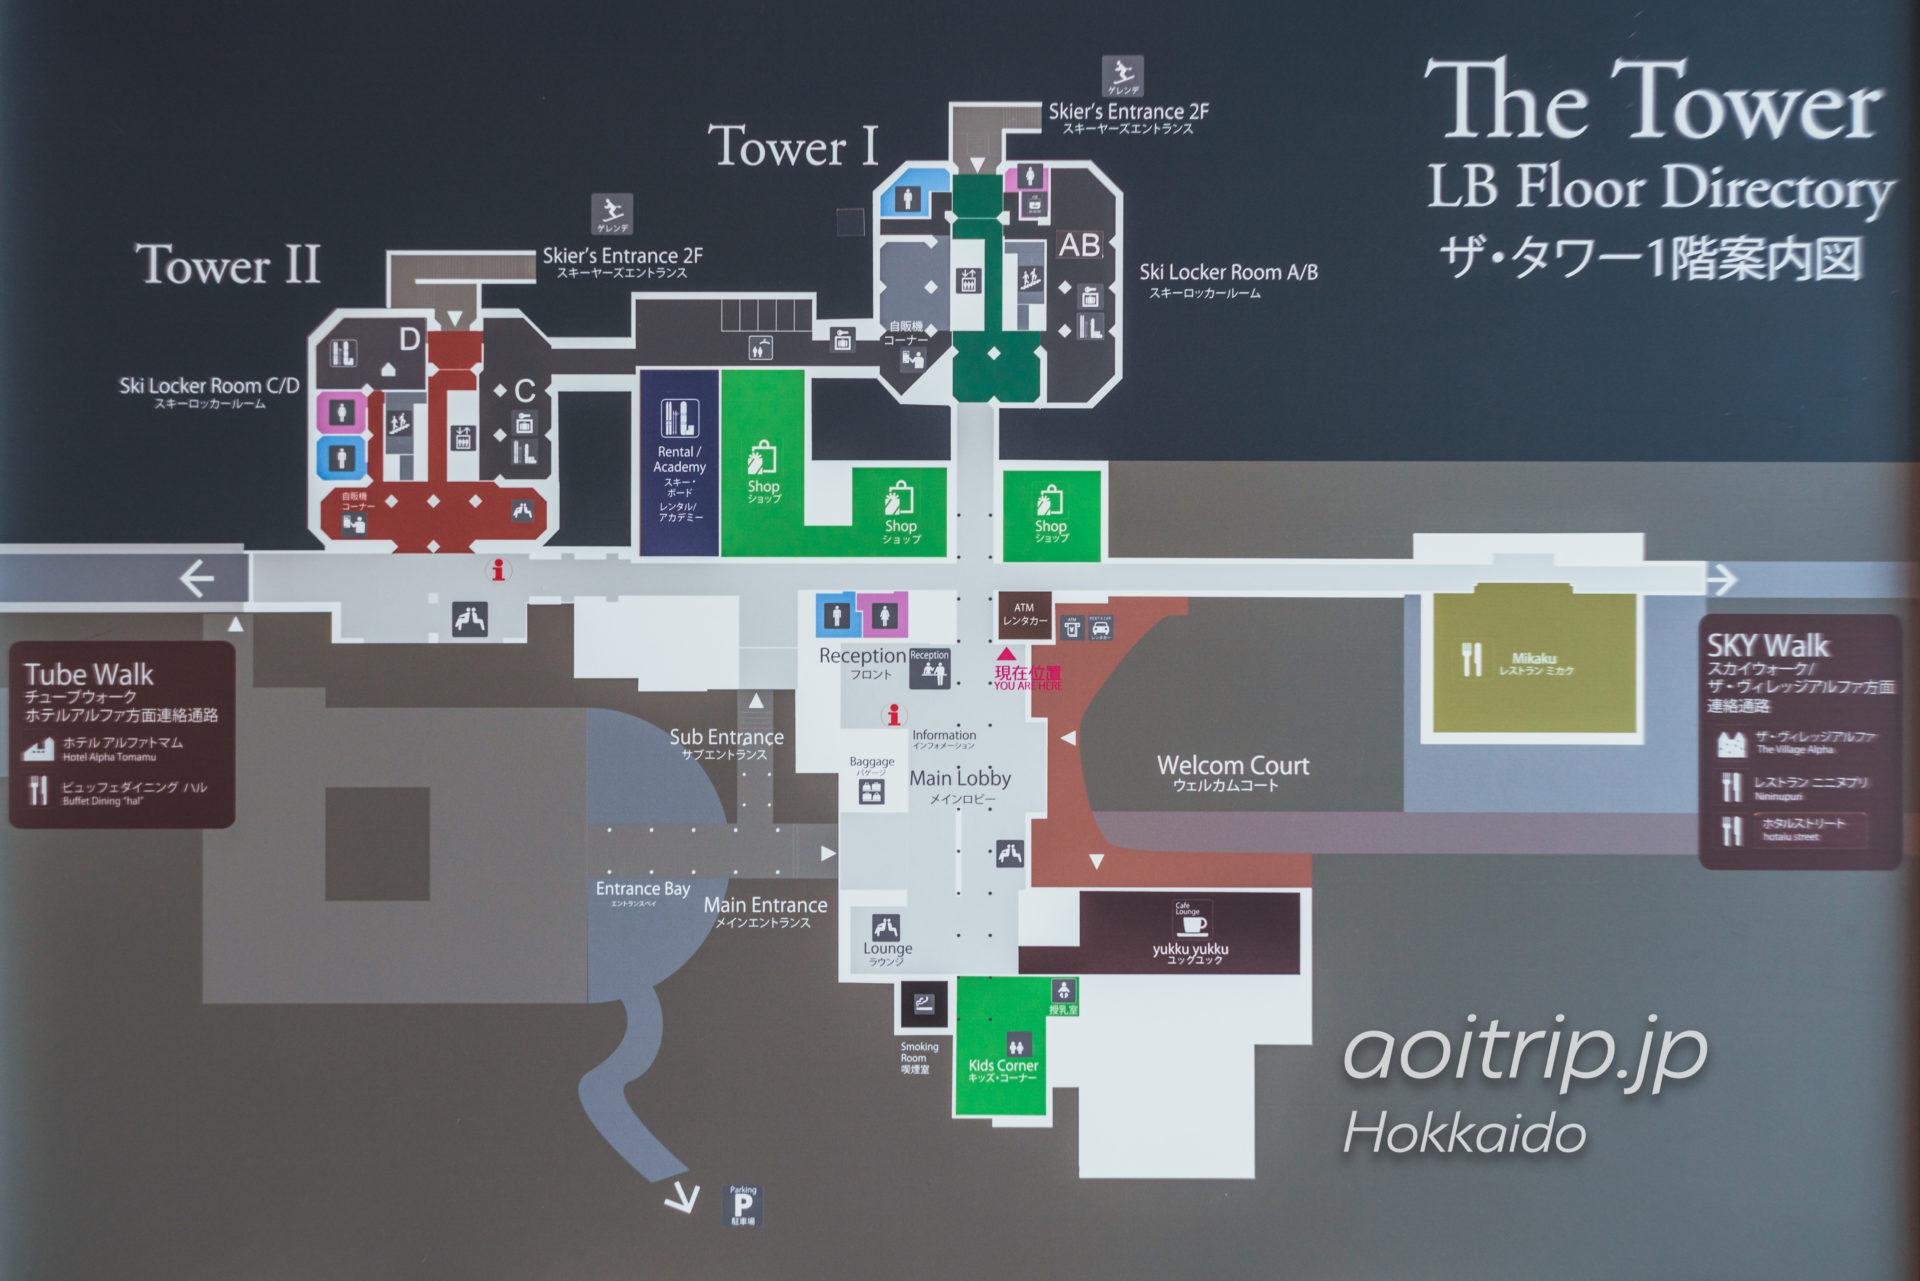 トマム ザ タワーの館内案内図